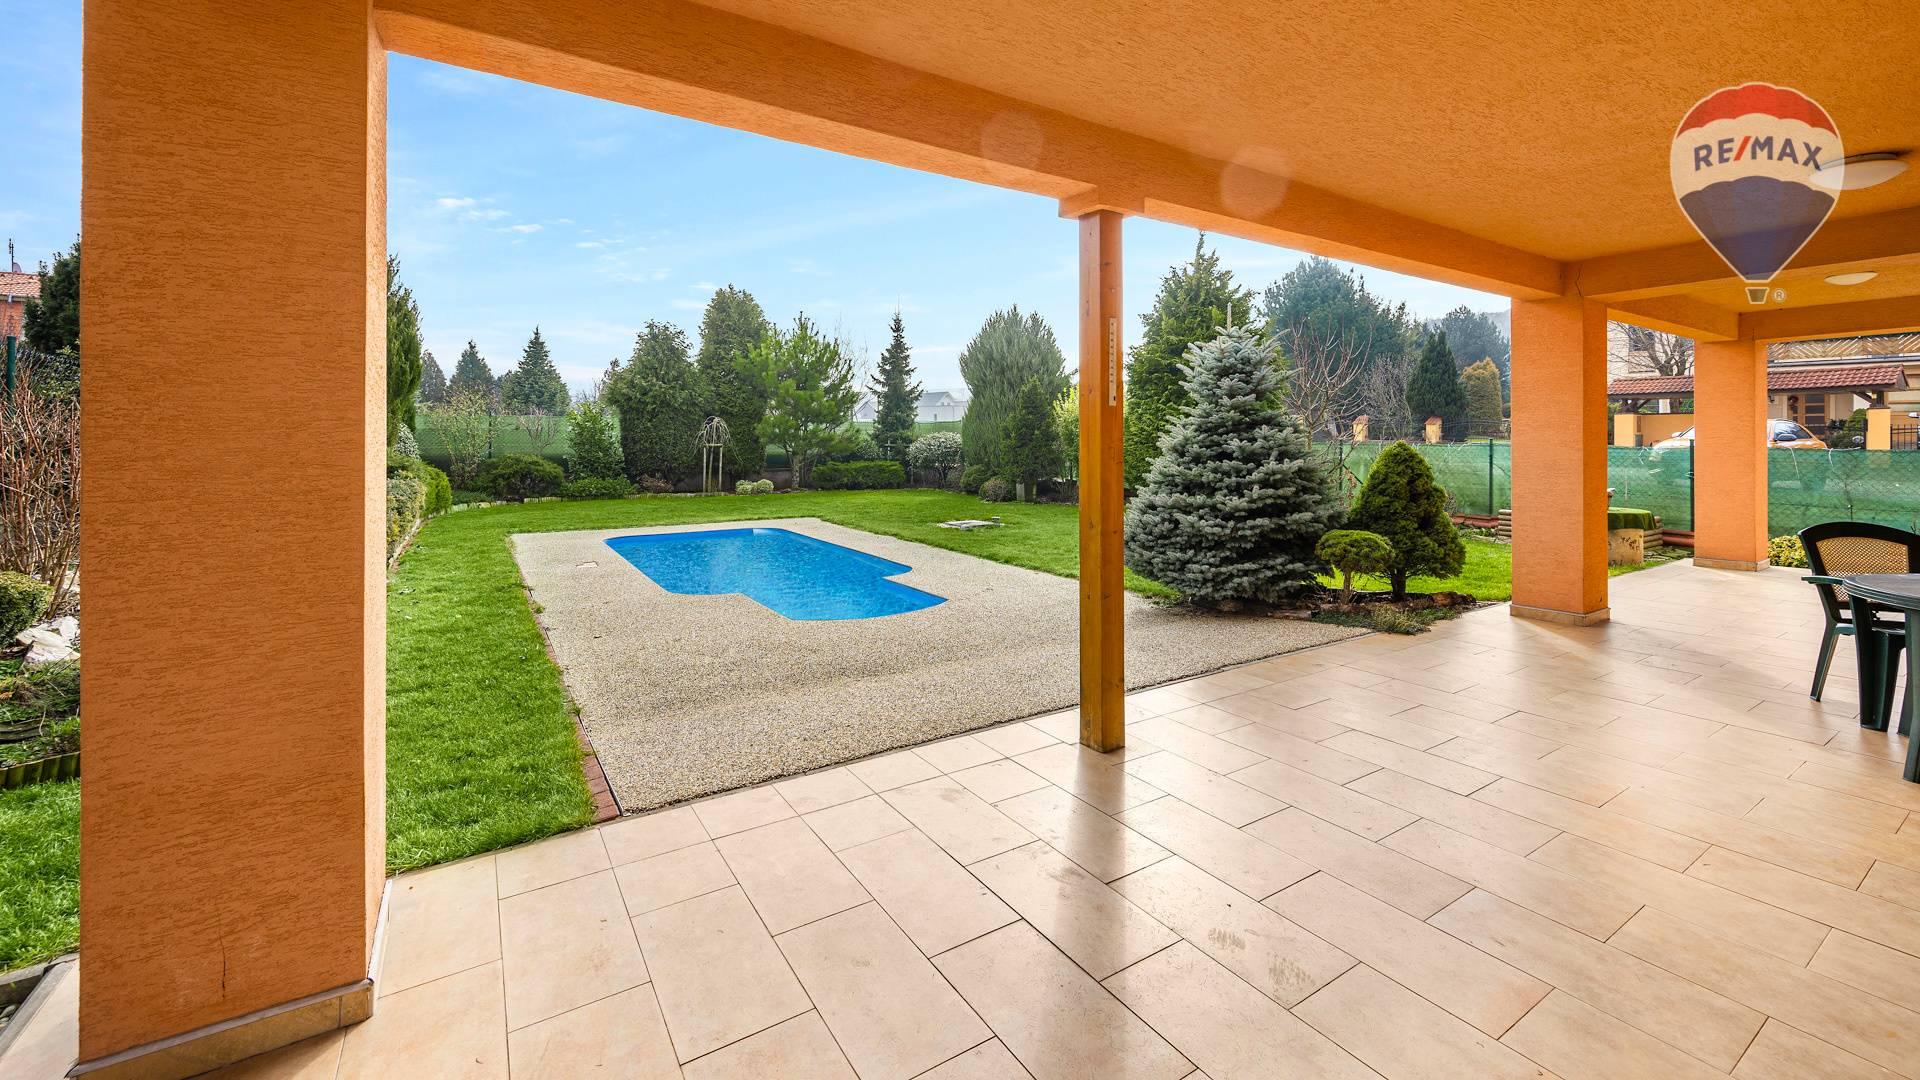 Predaj domu 207 m2, Nitra - priestranná terasa